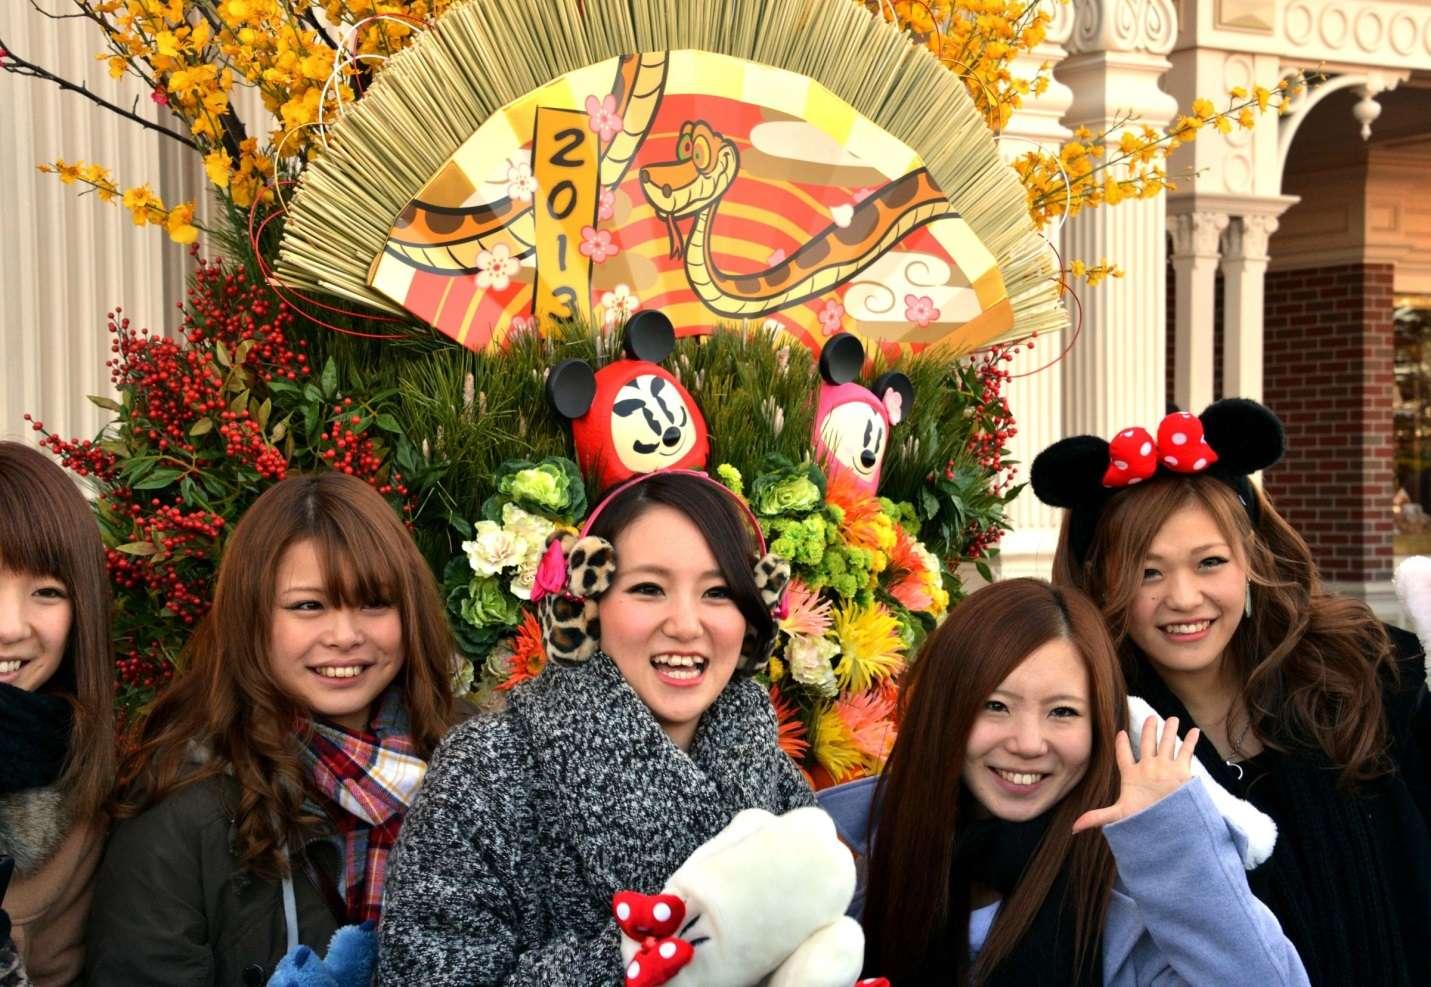 Tết ở Nhật dù đôi nét tương đồng với Việt Nam, nhưng cũng có rất nhiều điều đặc biệt thú vị